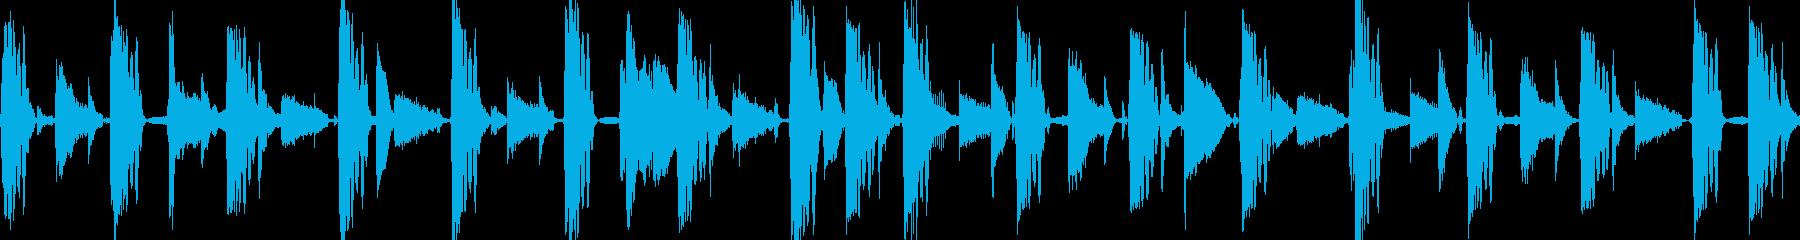 コミカルに走り回るイメージの再生済みの波形